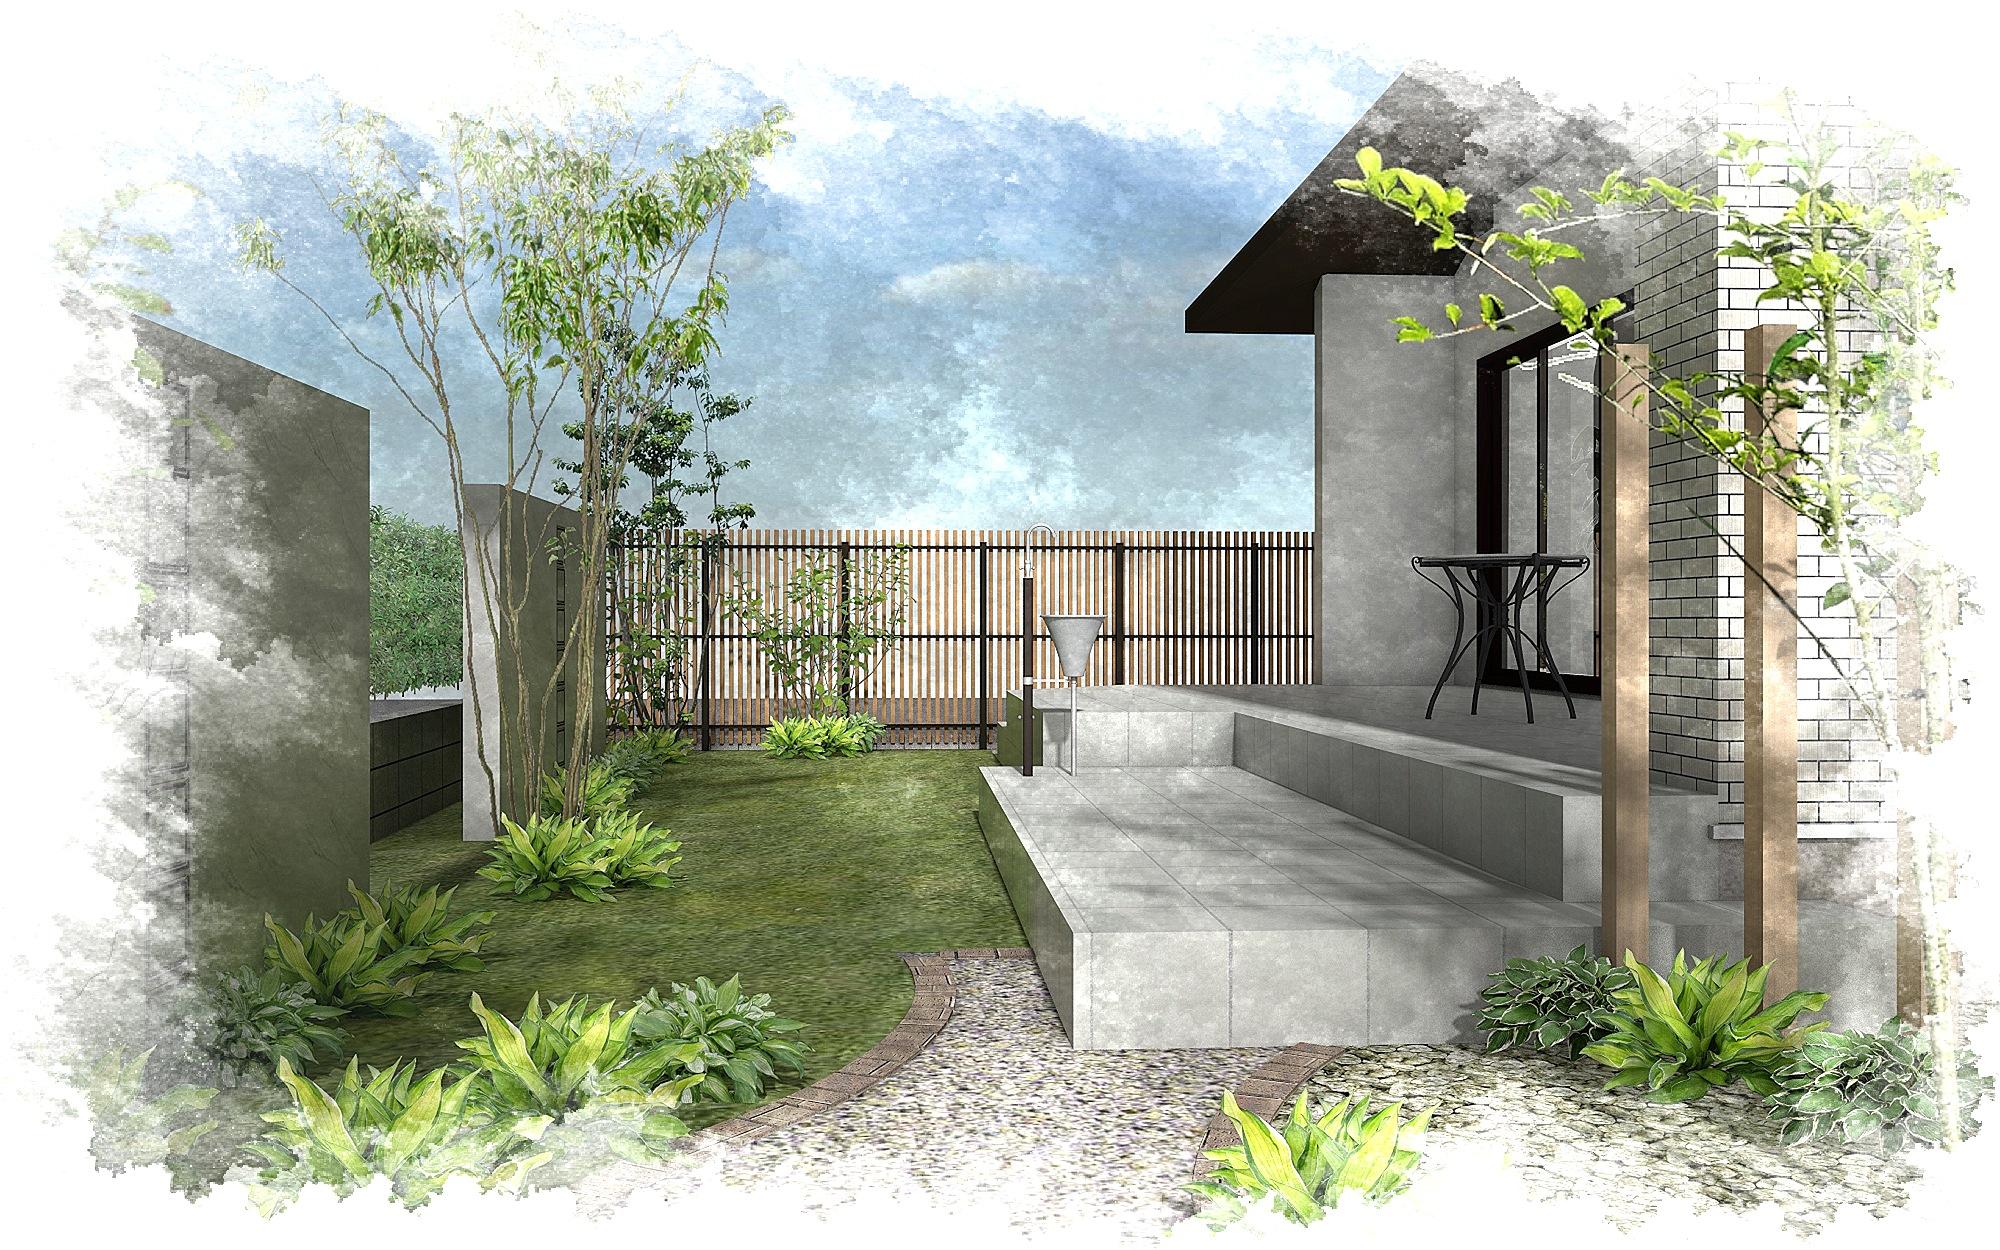 佐倉市生谷。<br>ひろびろタイルテラスと芝生のお庭。モダンでナチュラルなエクステリア。7